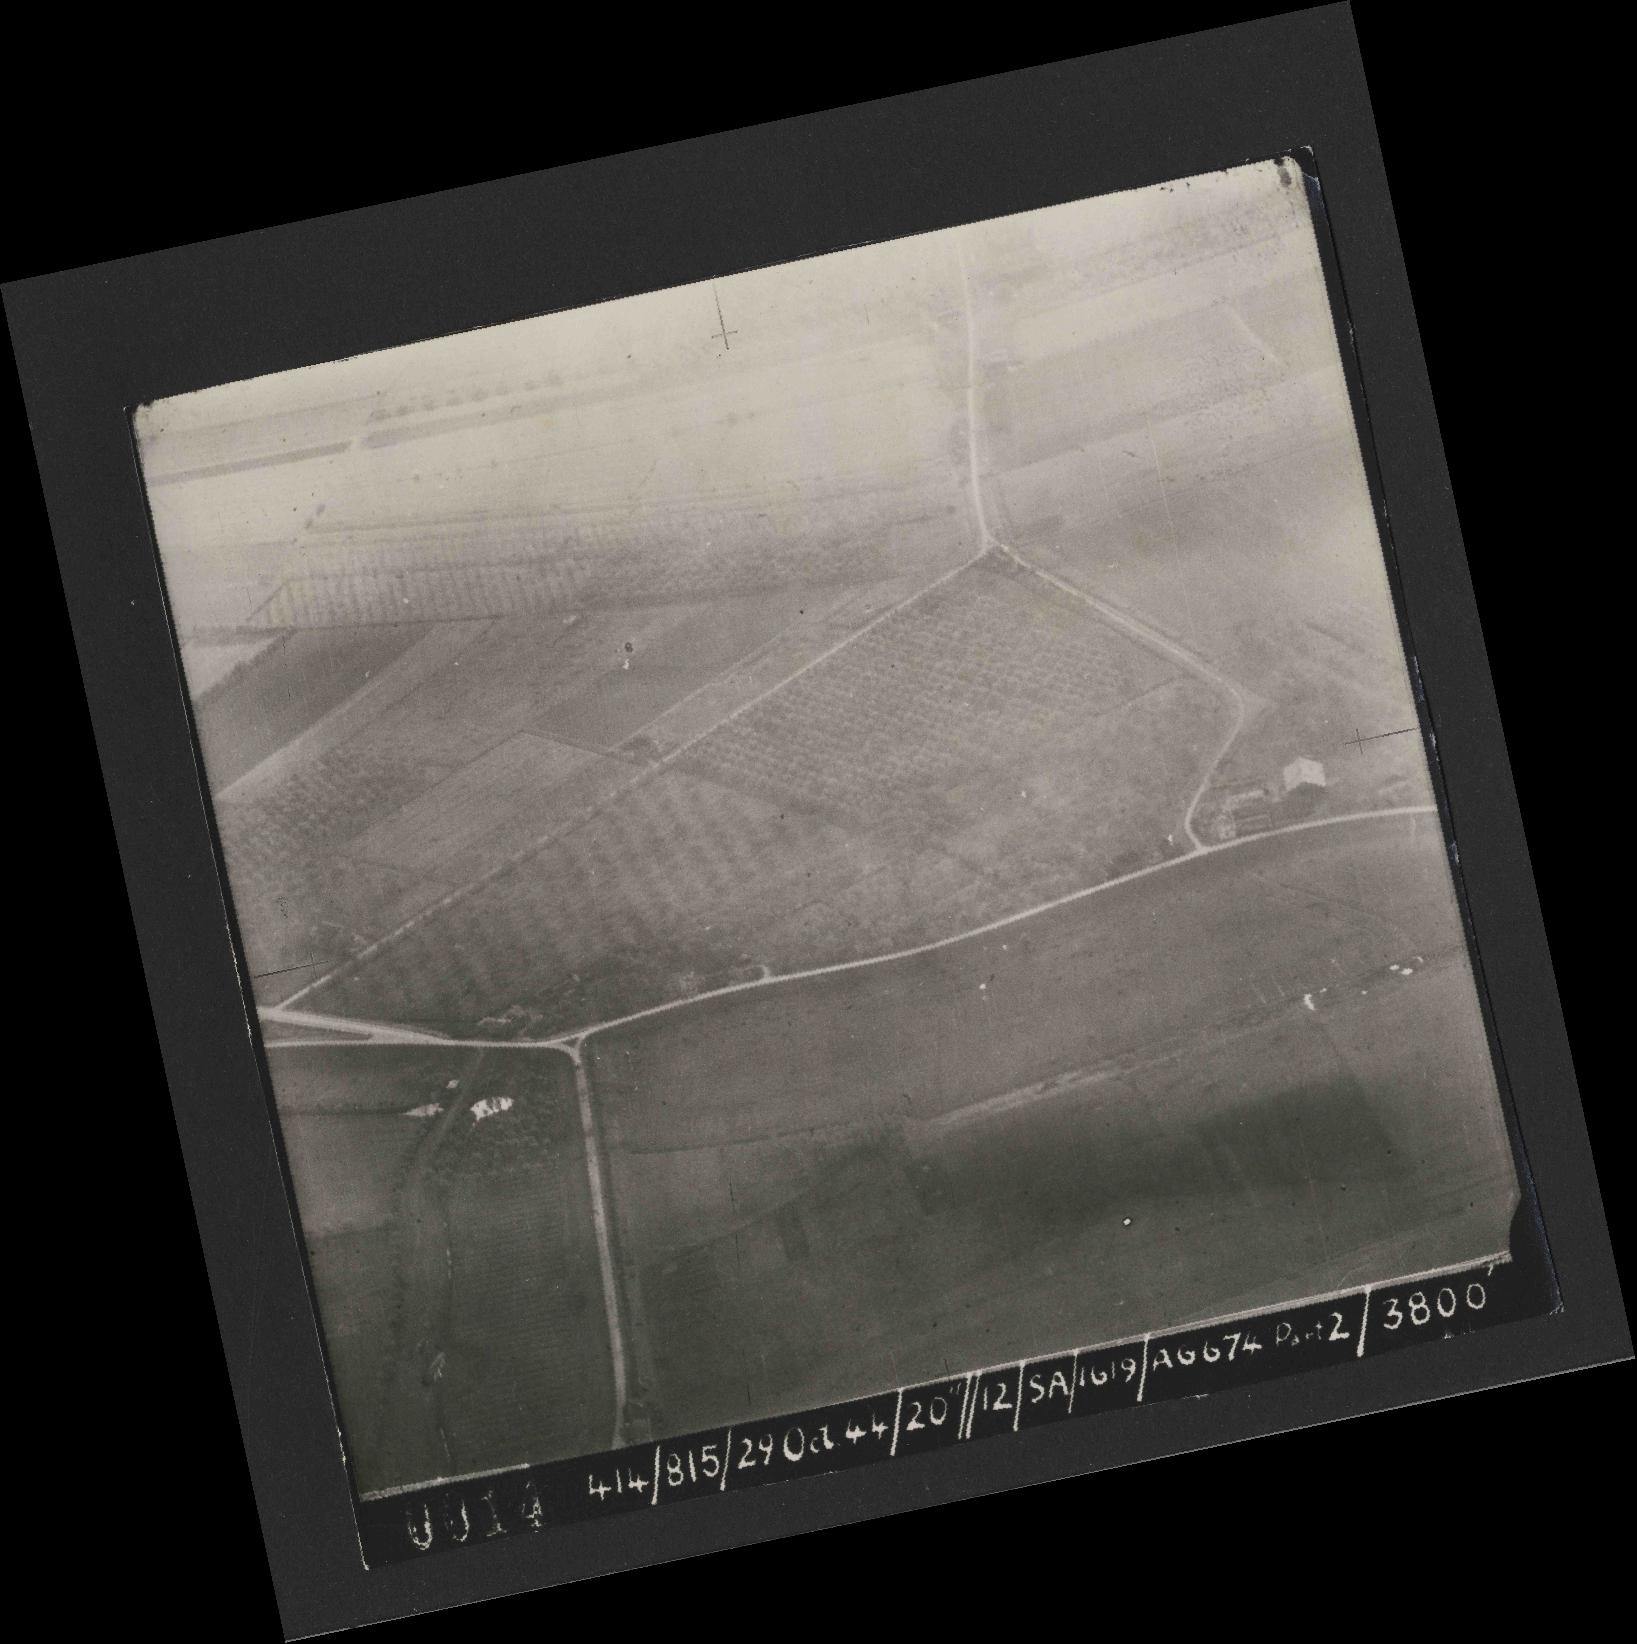 Collection RAF aerial photos 1940-1945 - flight 504, run 01, photo 0014